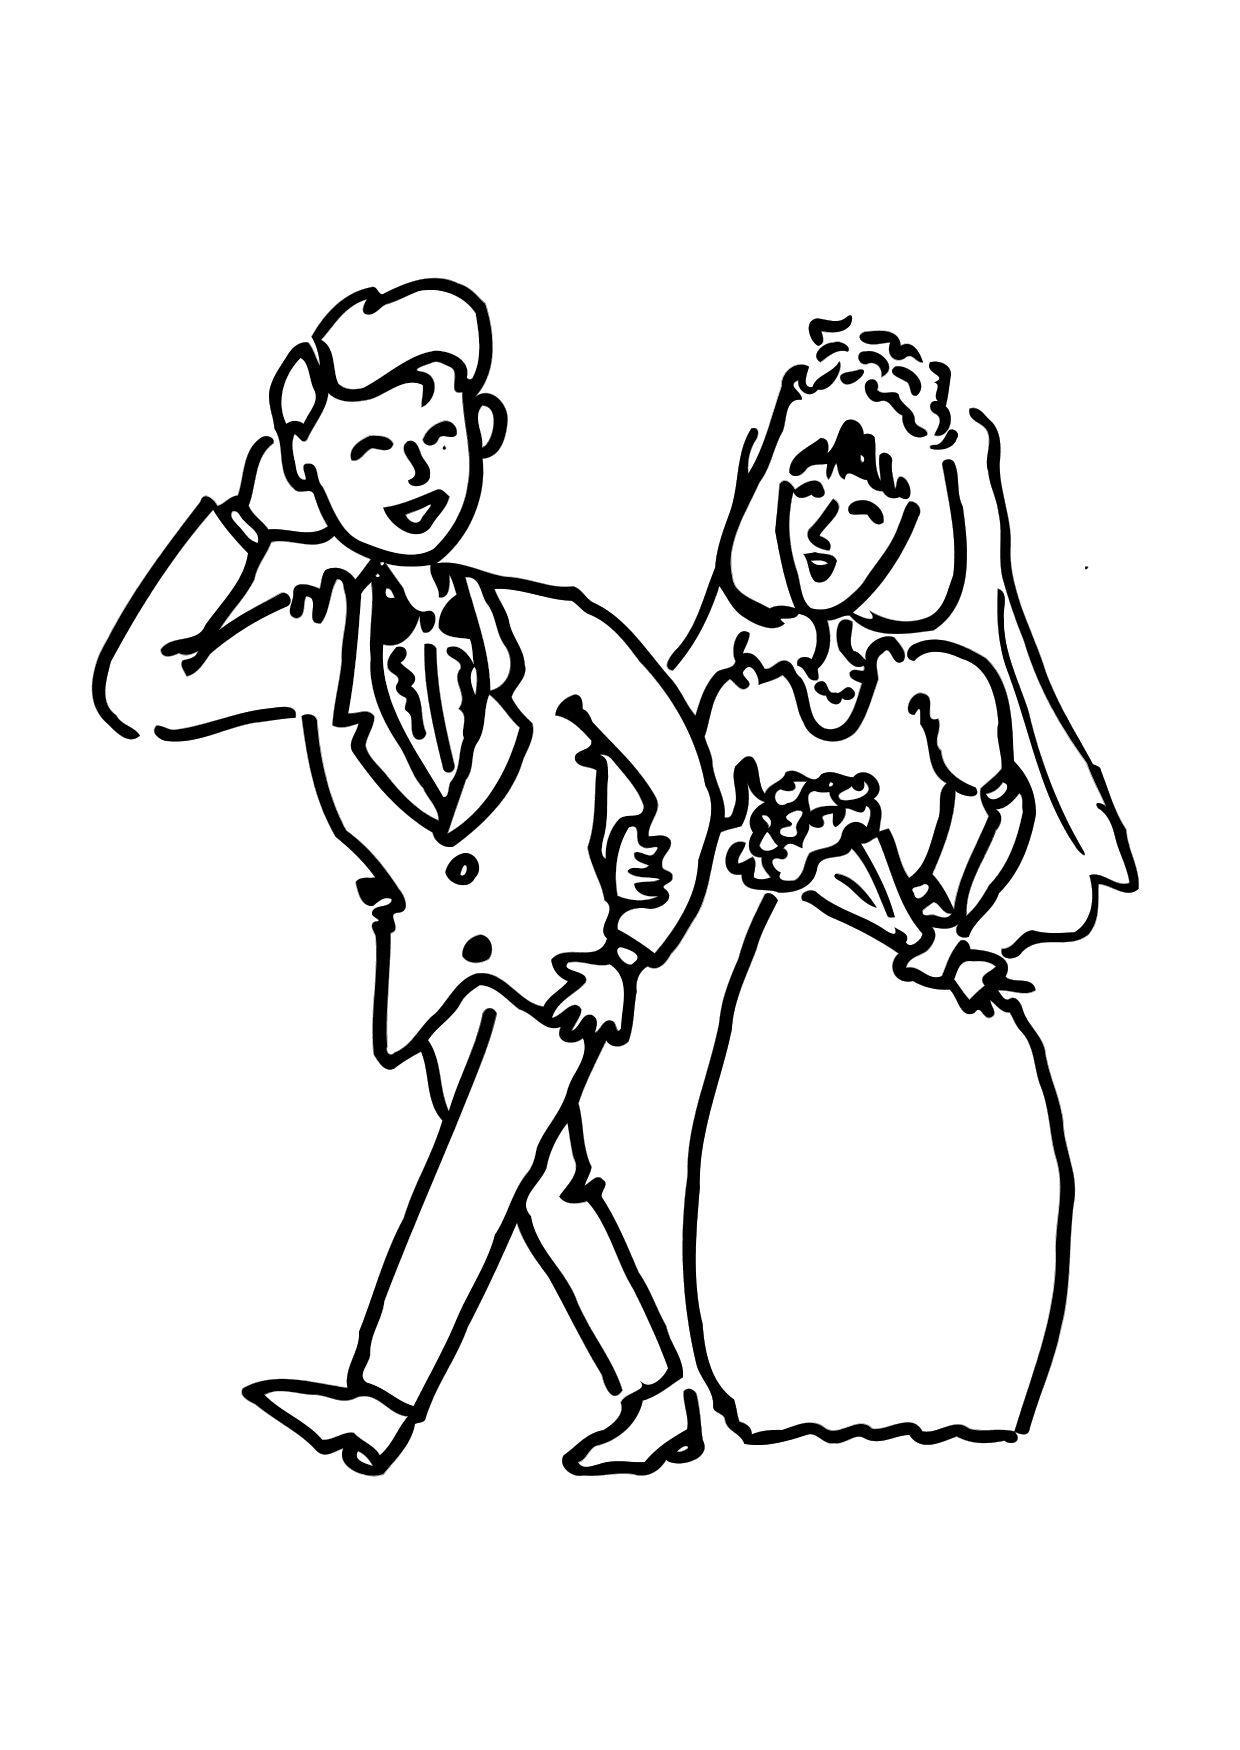 Disegno da colorare sposarsi cat 12144 - Disegno finestra da colorare ...